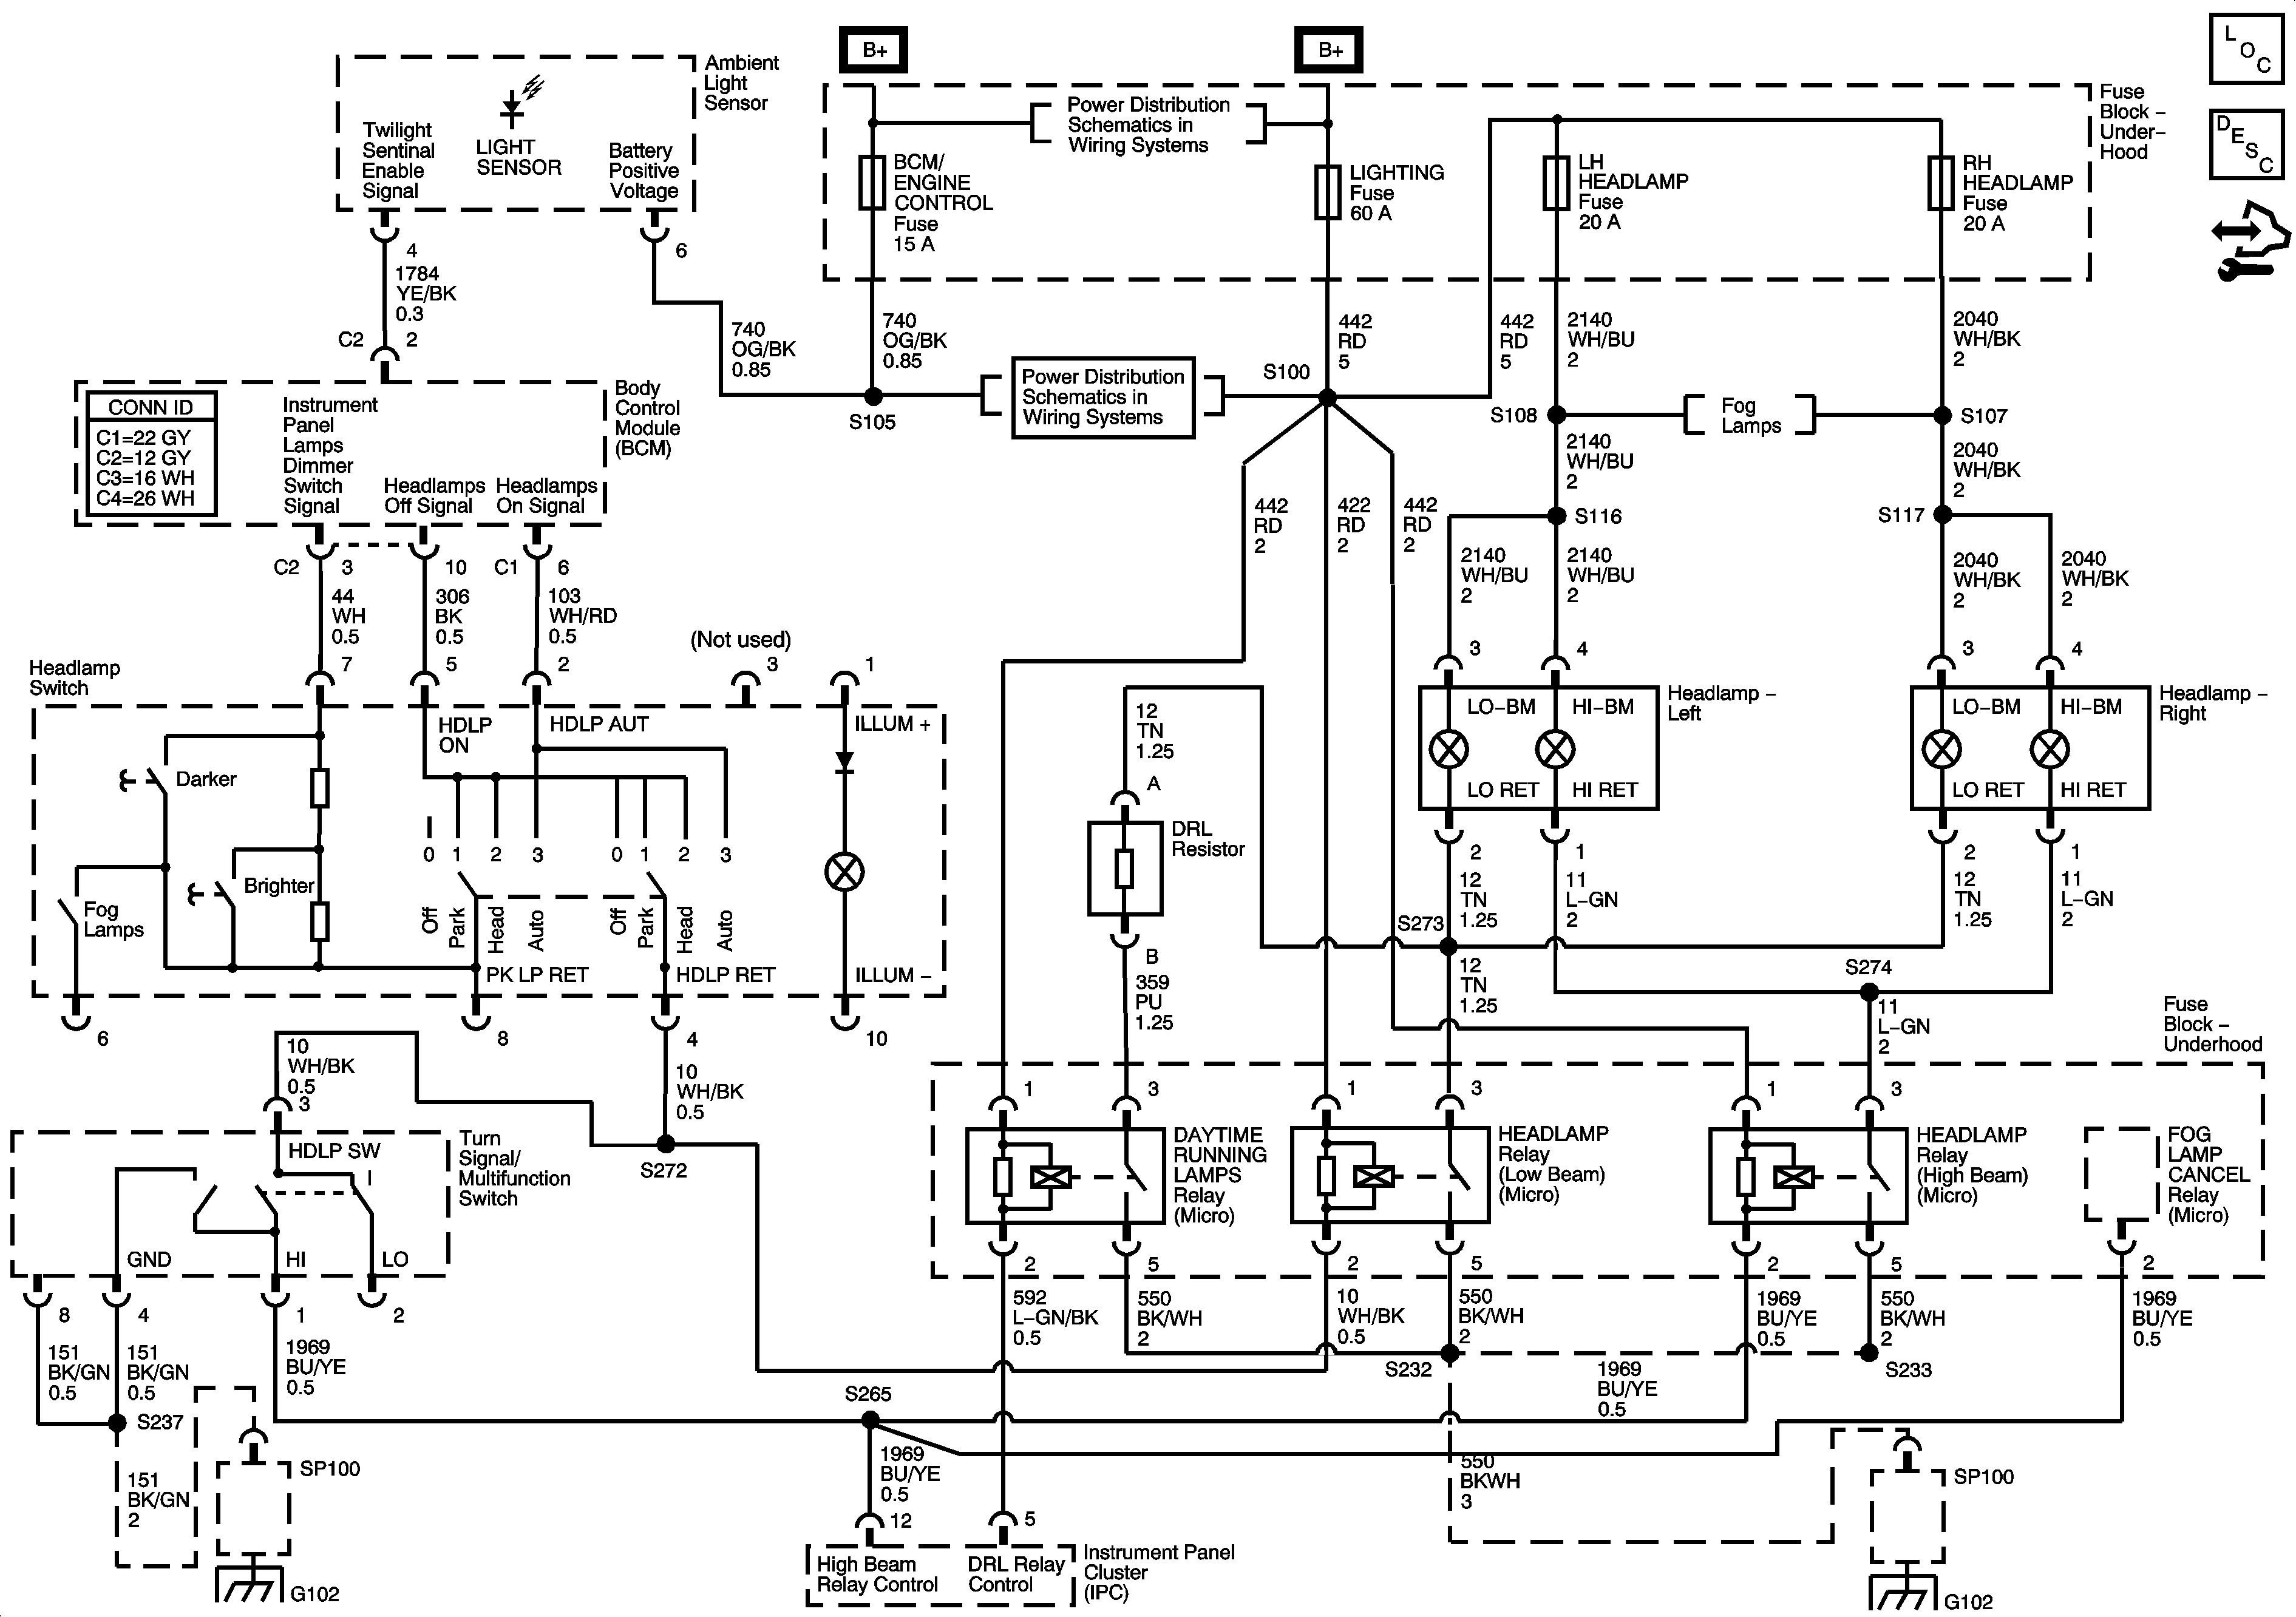 2007 Pontiac G6 Wiring Diagram Pontiac G6 3 5l Engine Diagram Another Blog About Wiring Diagram • Of 2007 Pontiac G6 Wiring Diagram